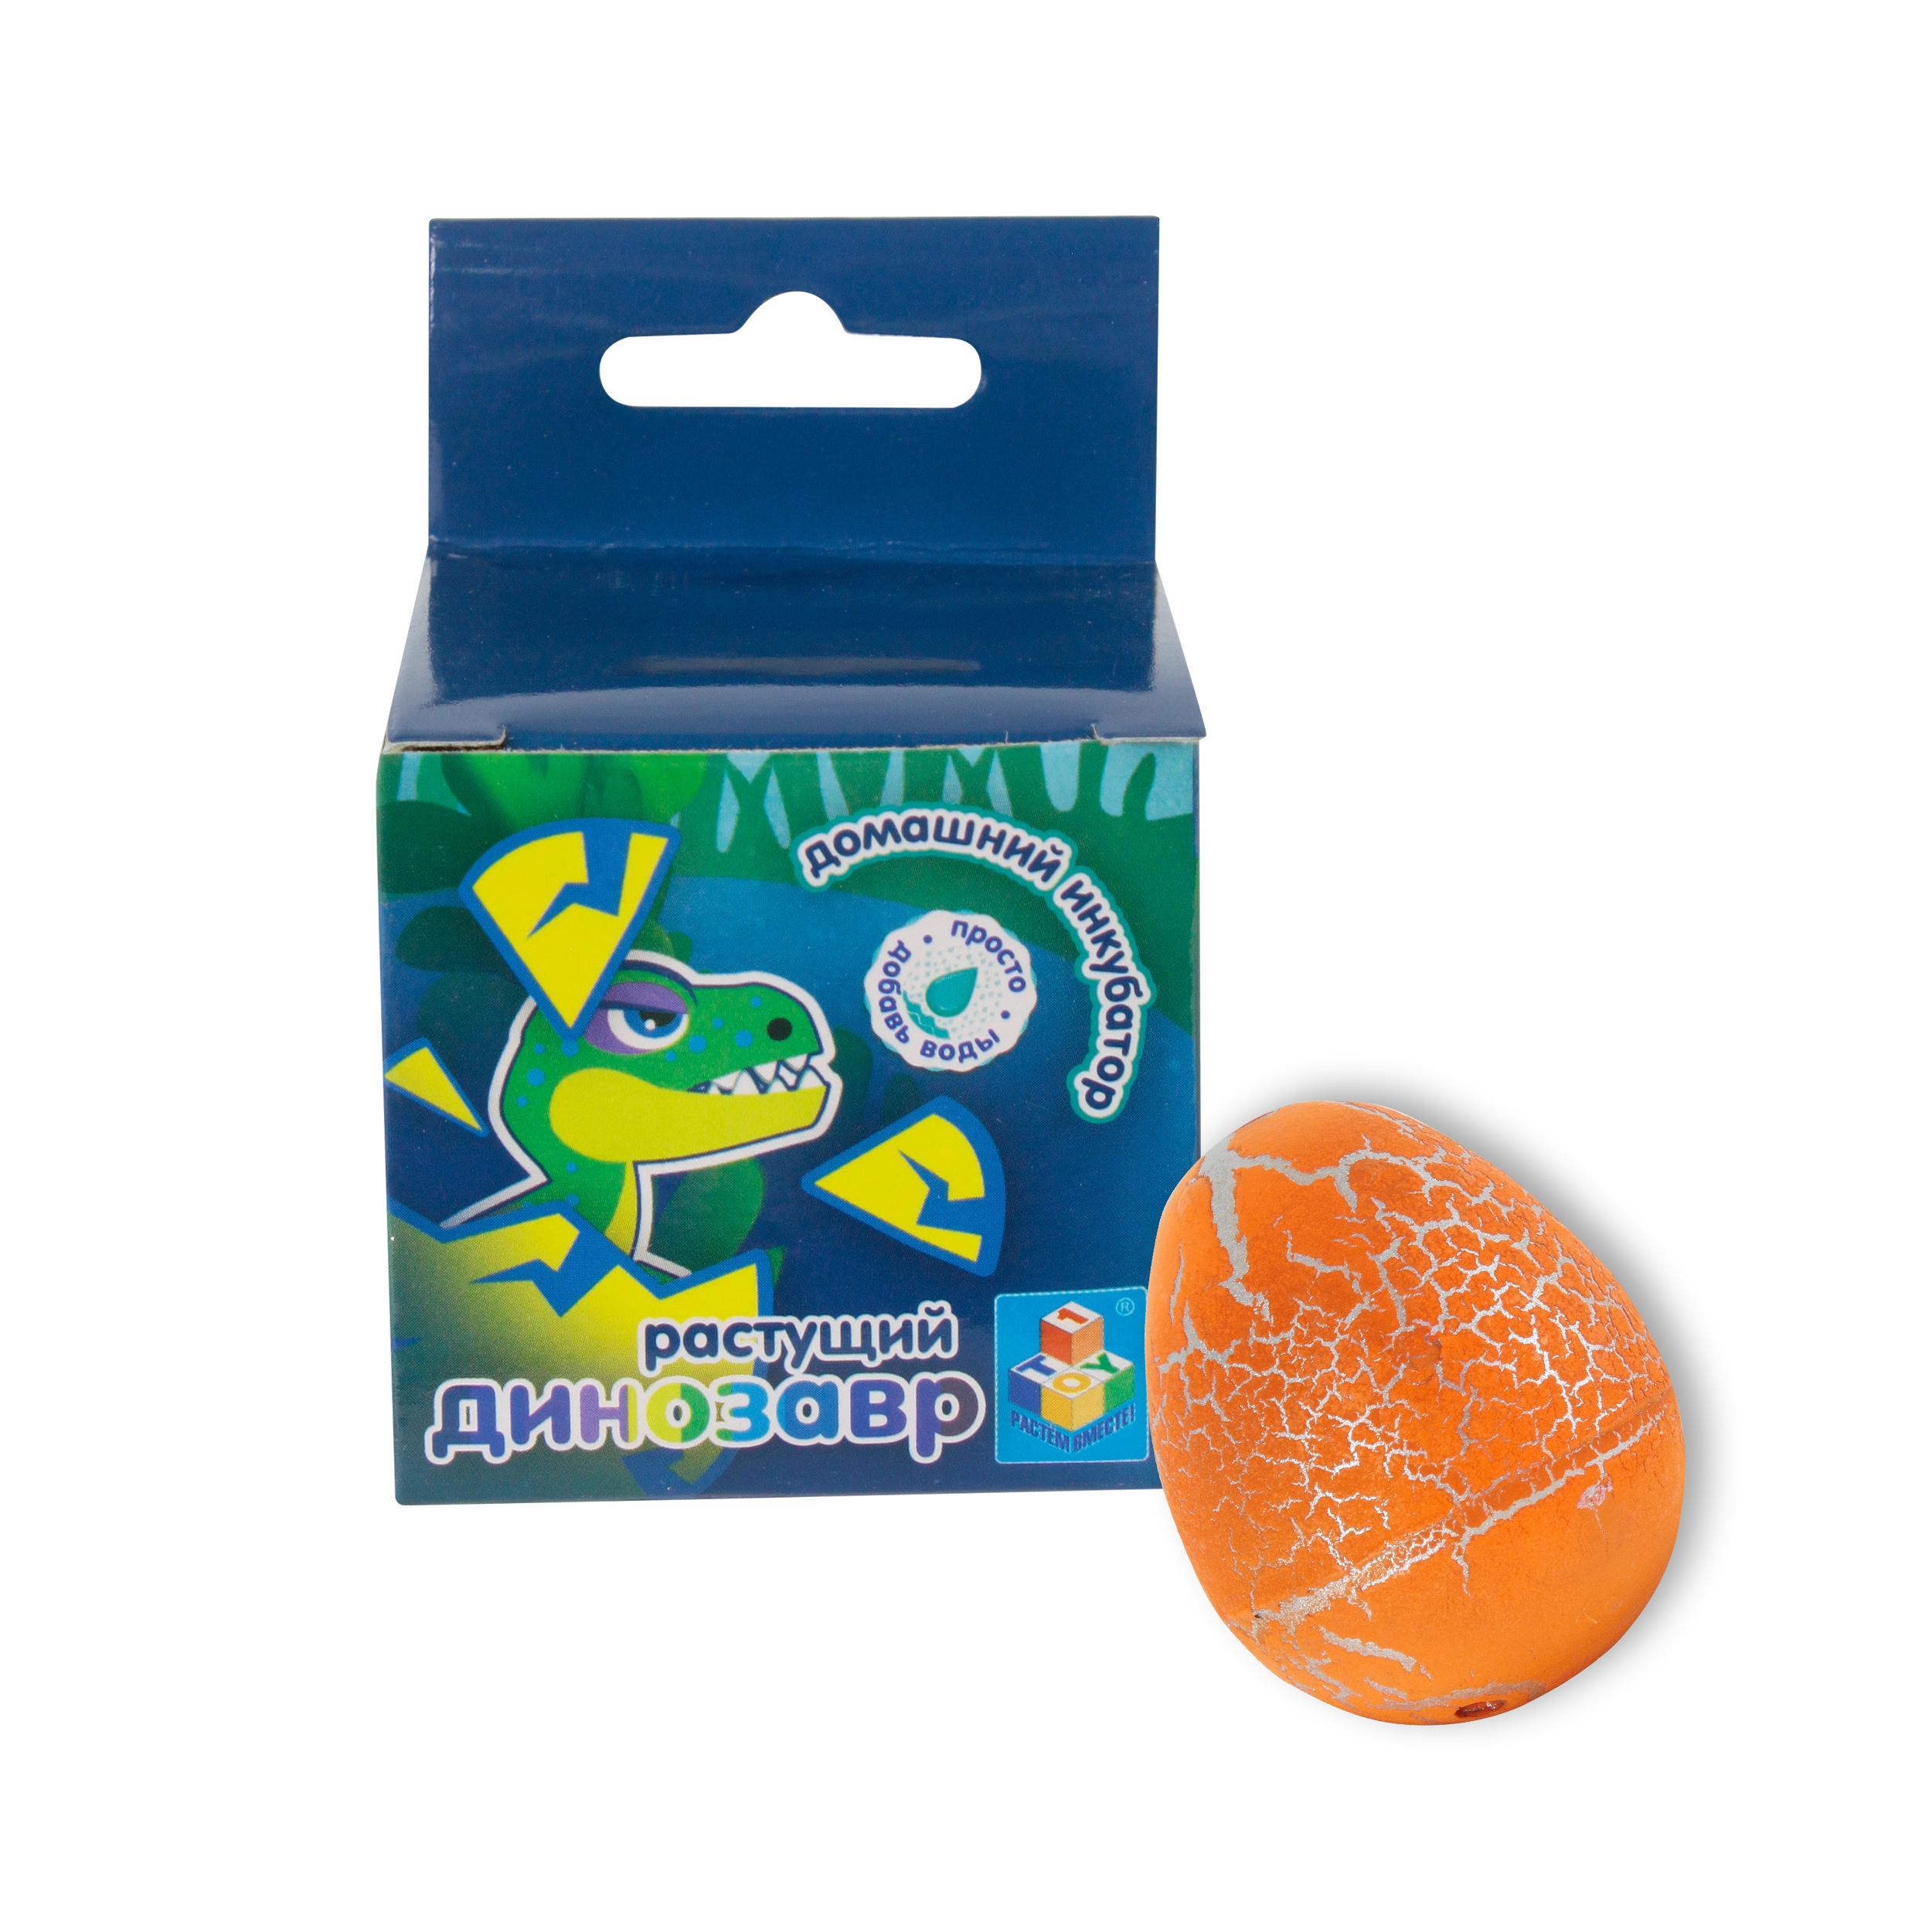 Развивающие игрушки 1toy Мини-яйцо 1Toy «Домашний инкубатор. Растущий динозавр» 4 см в асс. игрушки для детей